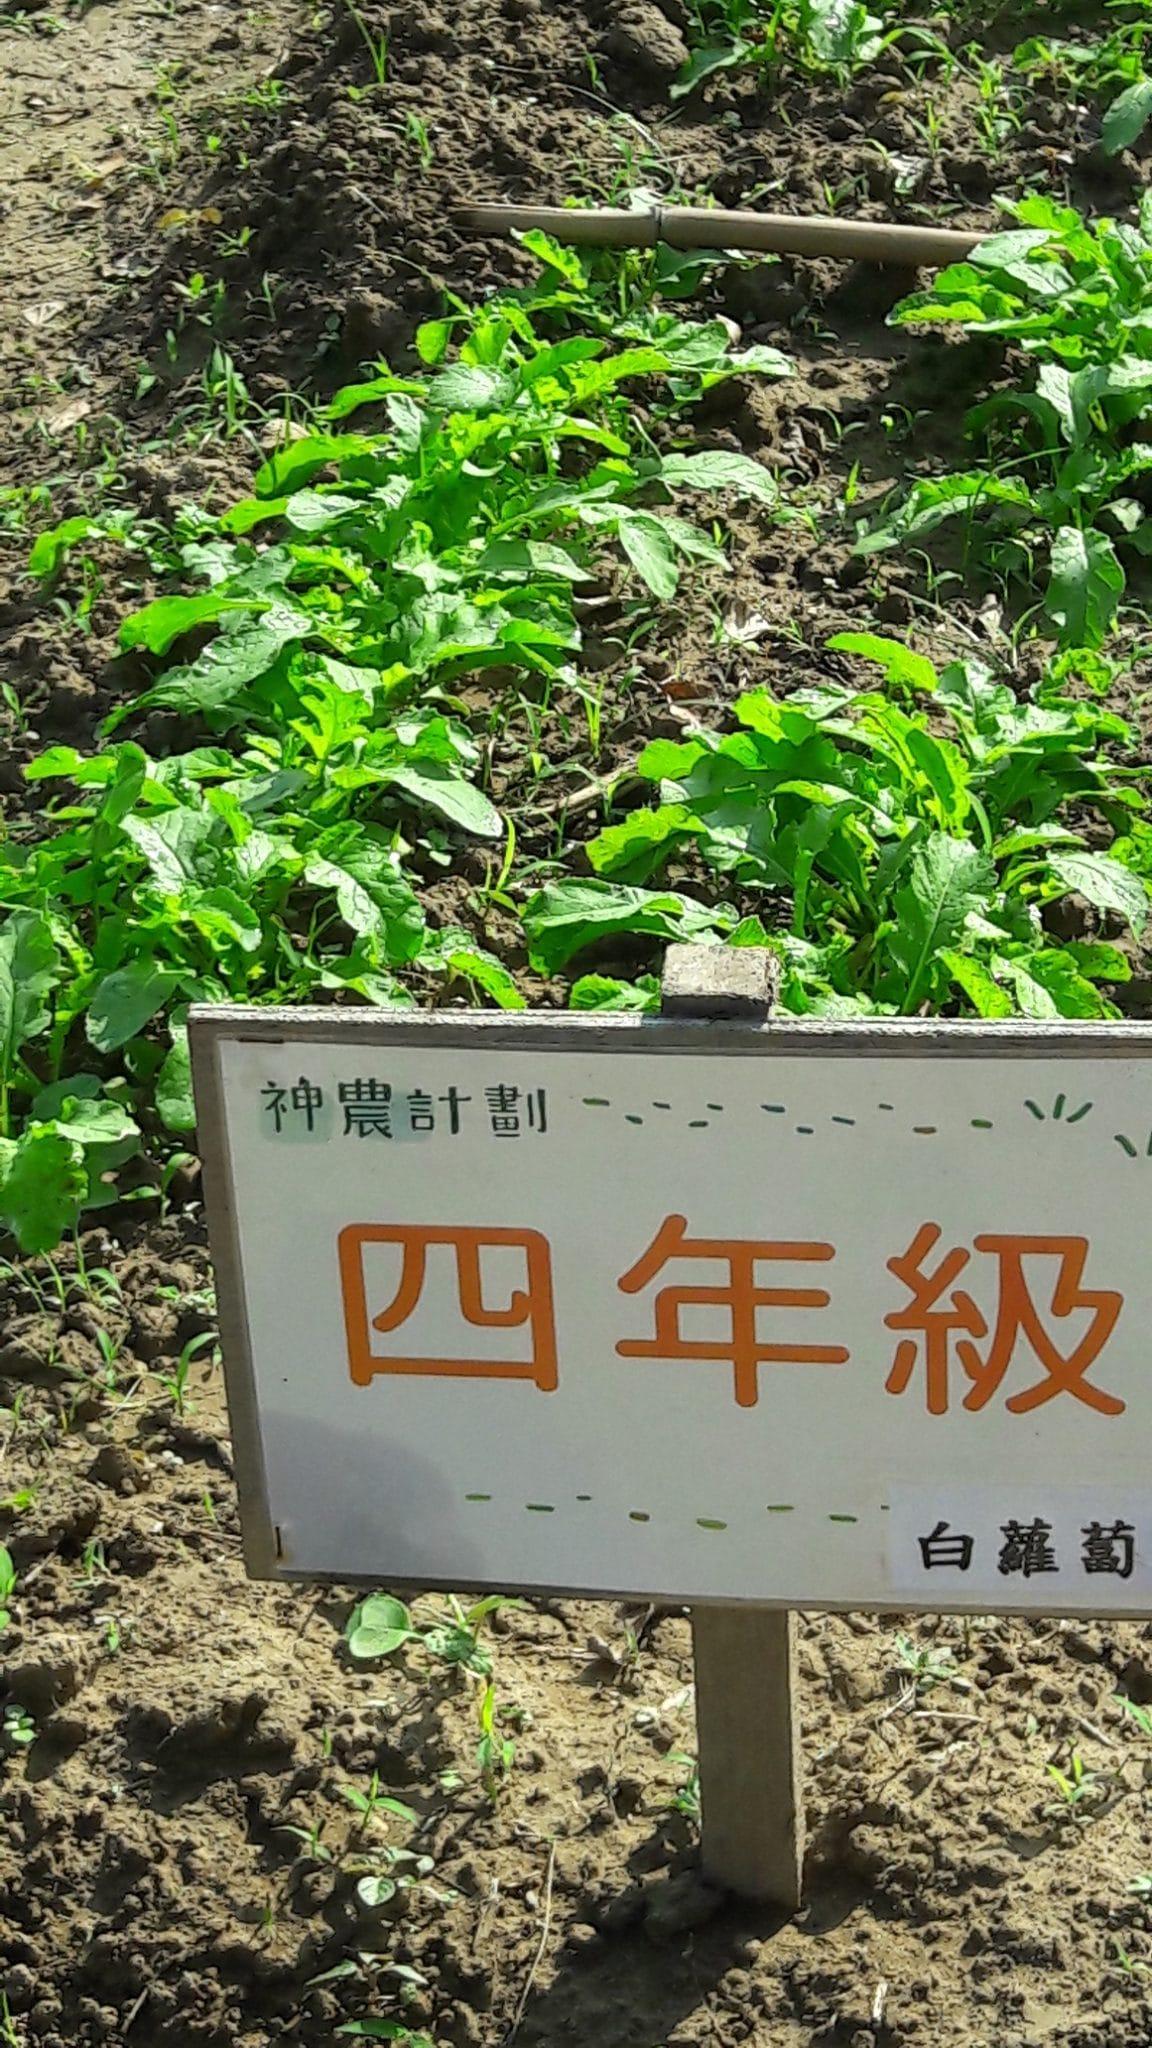 105.11.8四甲的白蘿蔔生長情形